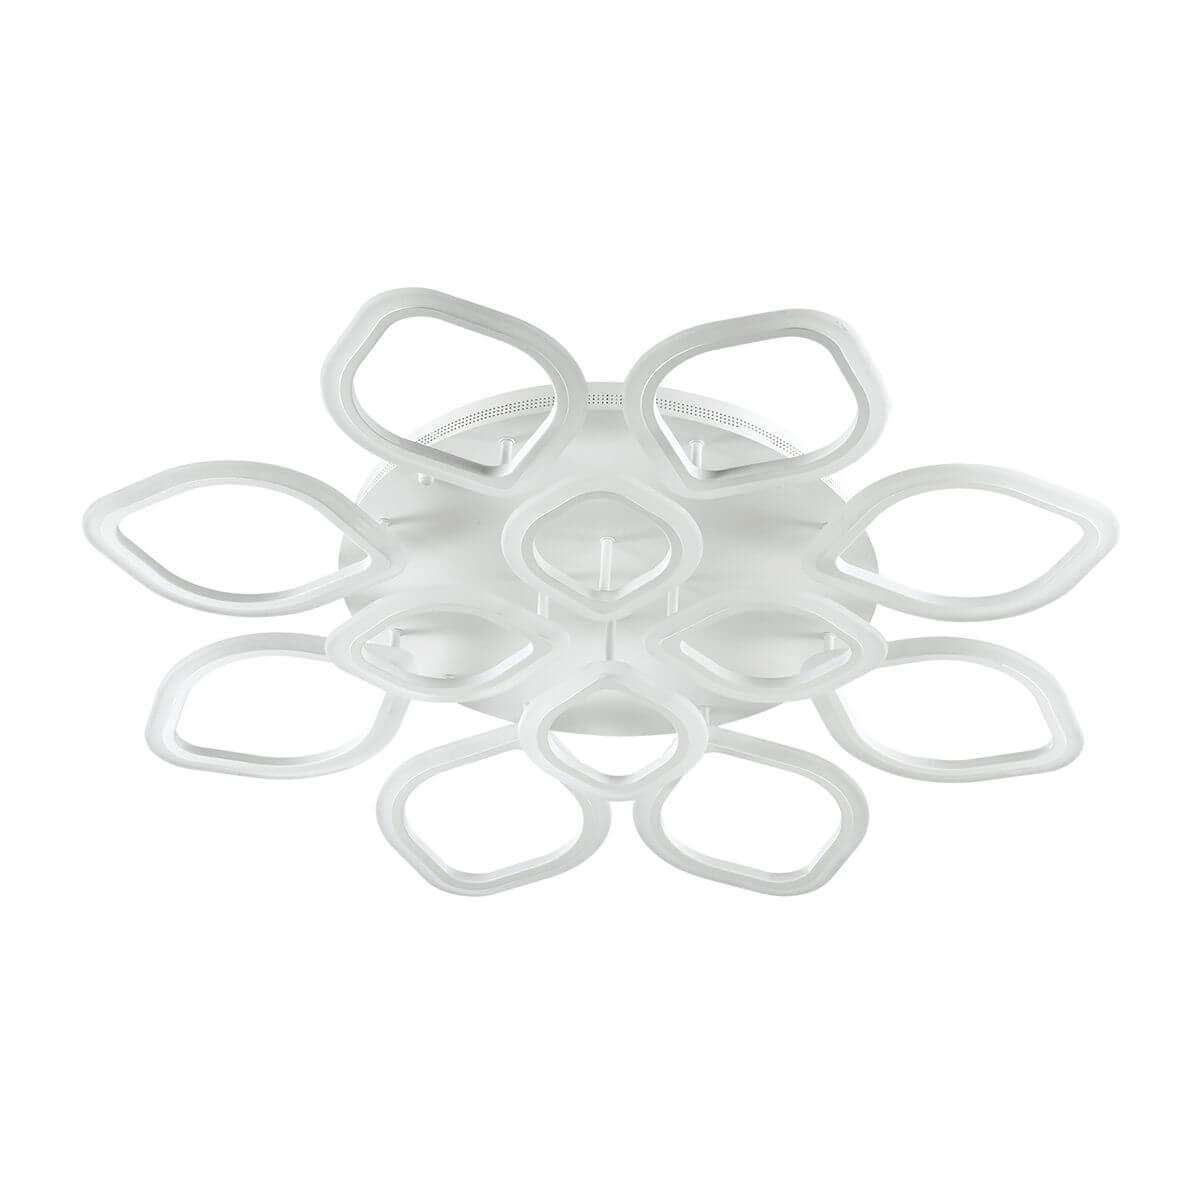 Потолочный светильник Lumion 3771/99CL, LED, 174 Вт free shipping 10pcs lot 3771 mb3771 sop 8 new original